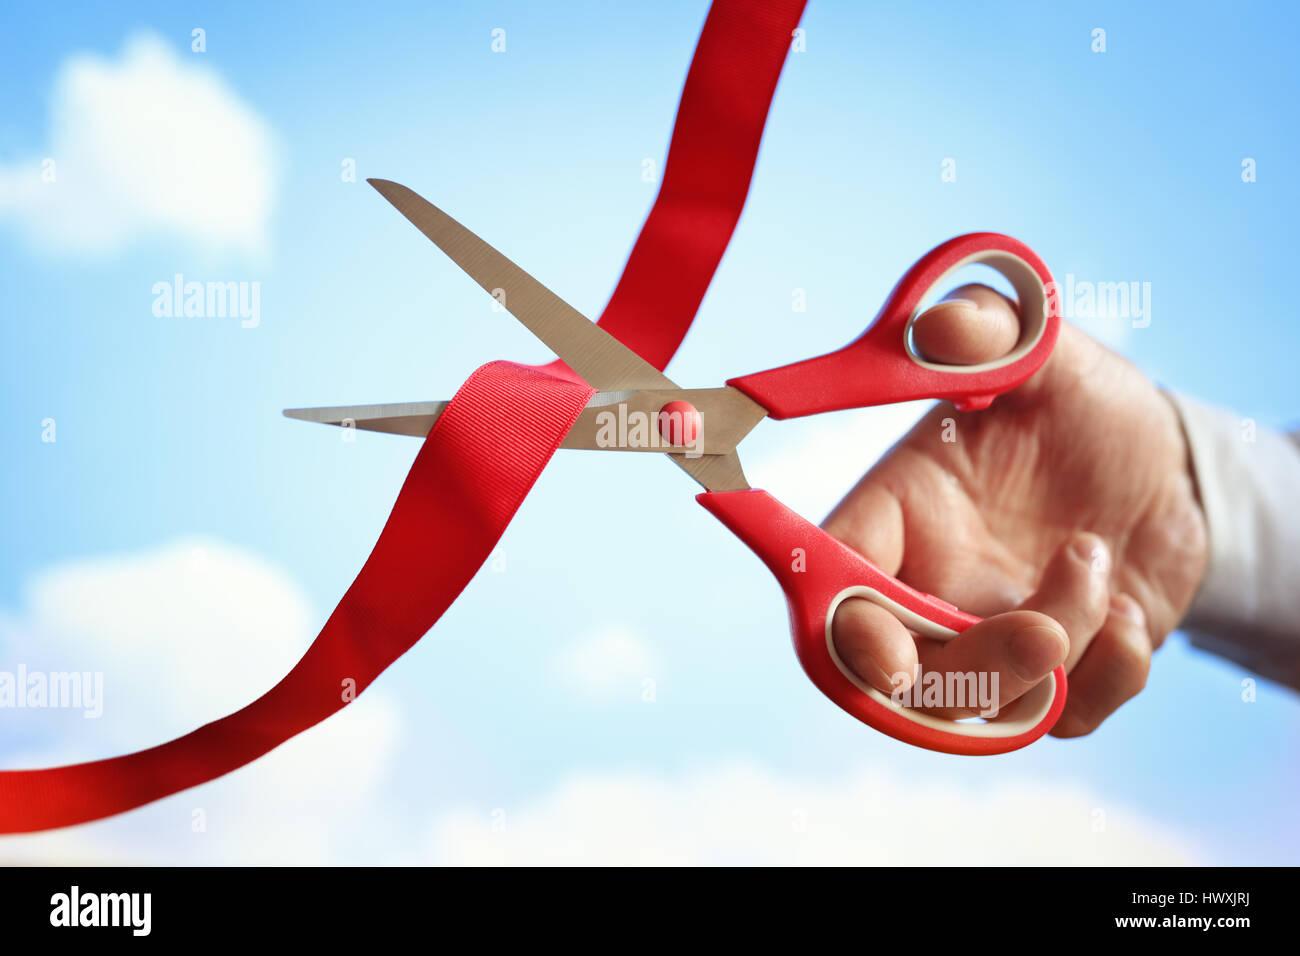 Geschäftsmann, schneiden ein rotes Band mit einer Schere auf die Eröffnungsfeier Stockbild